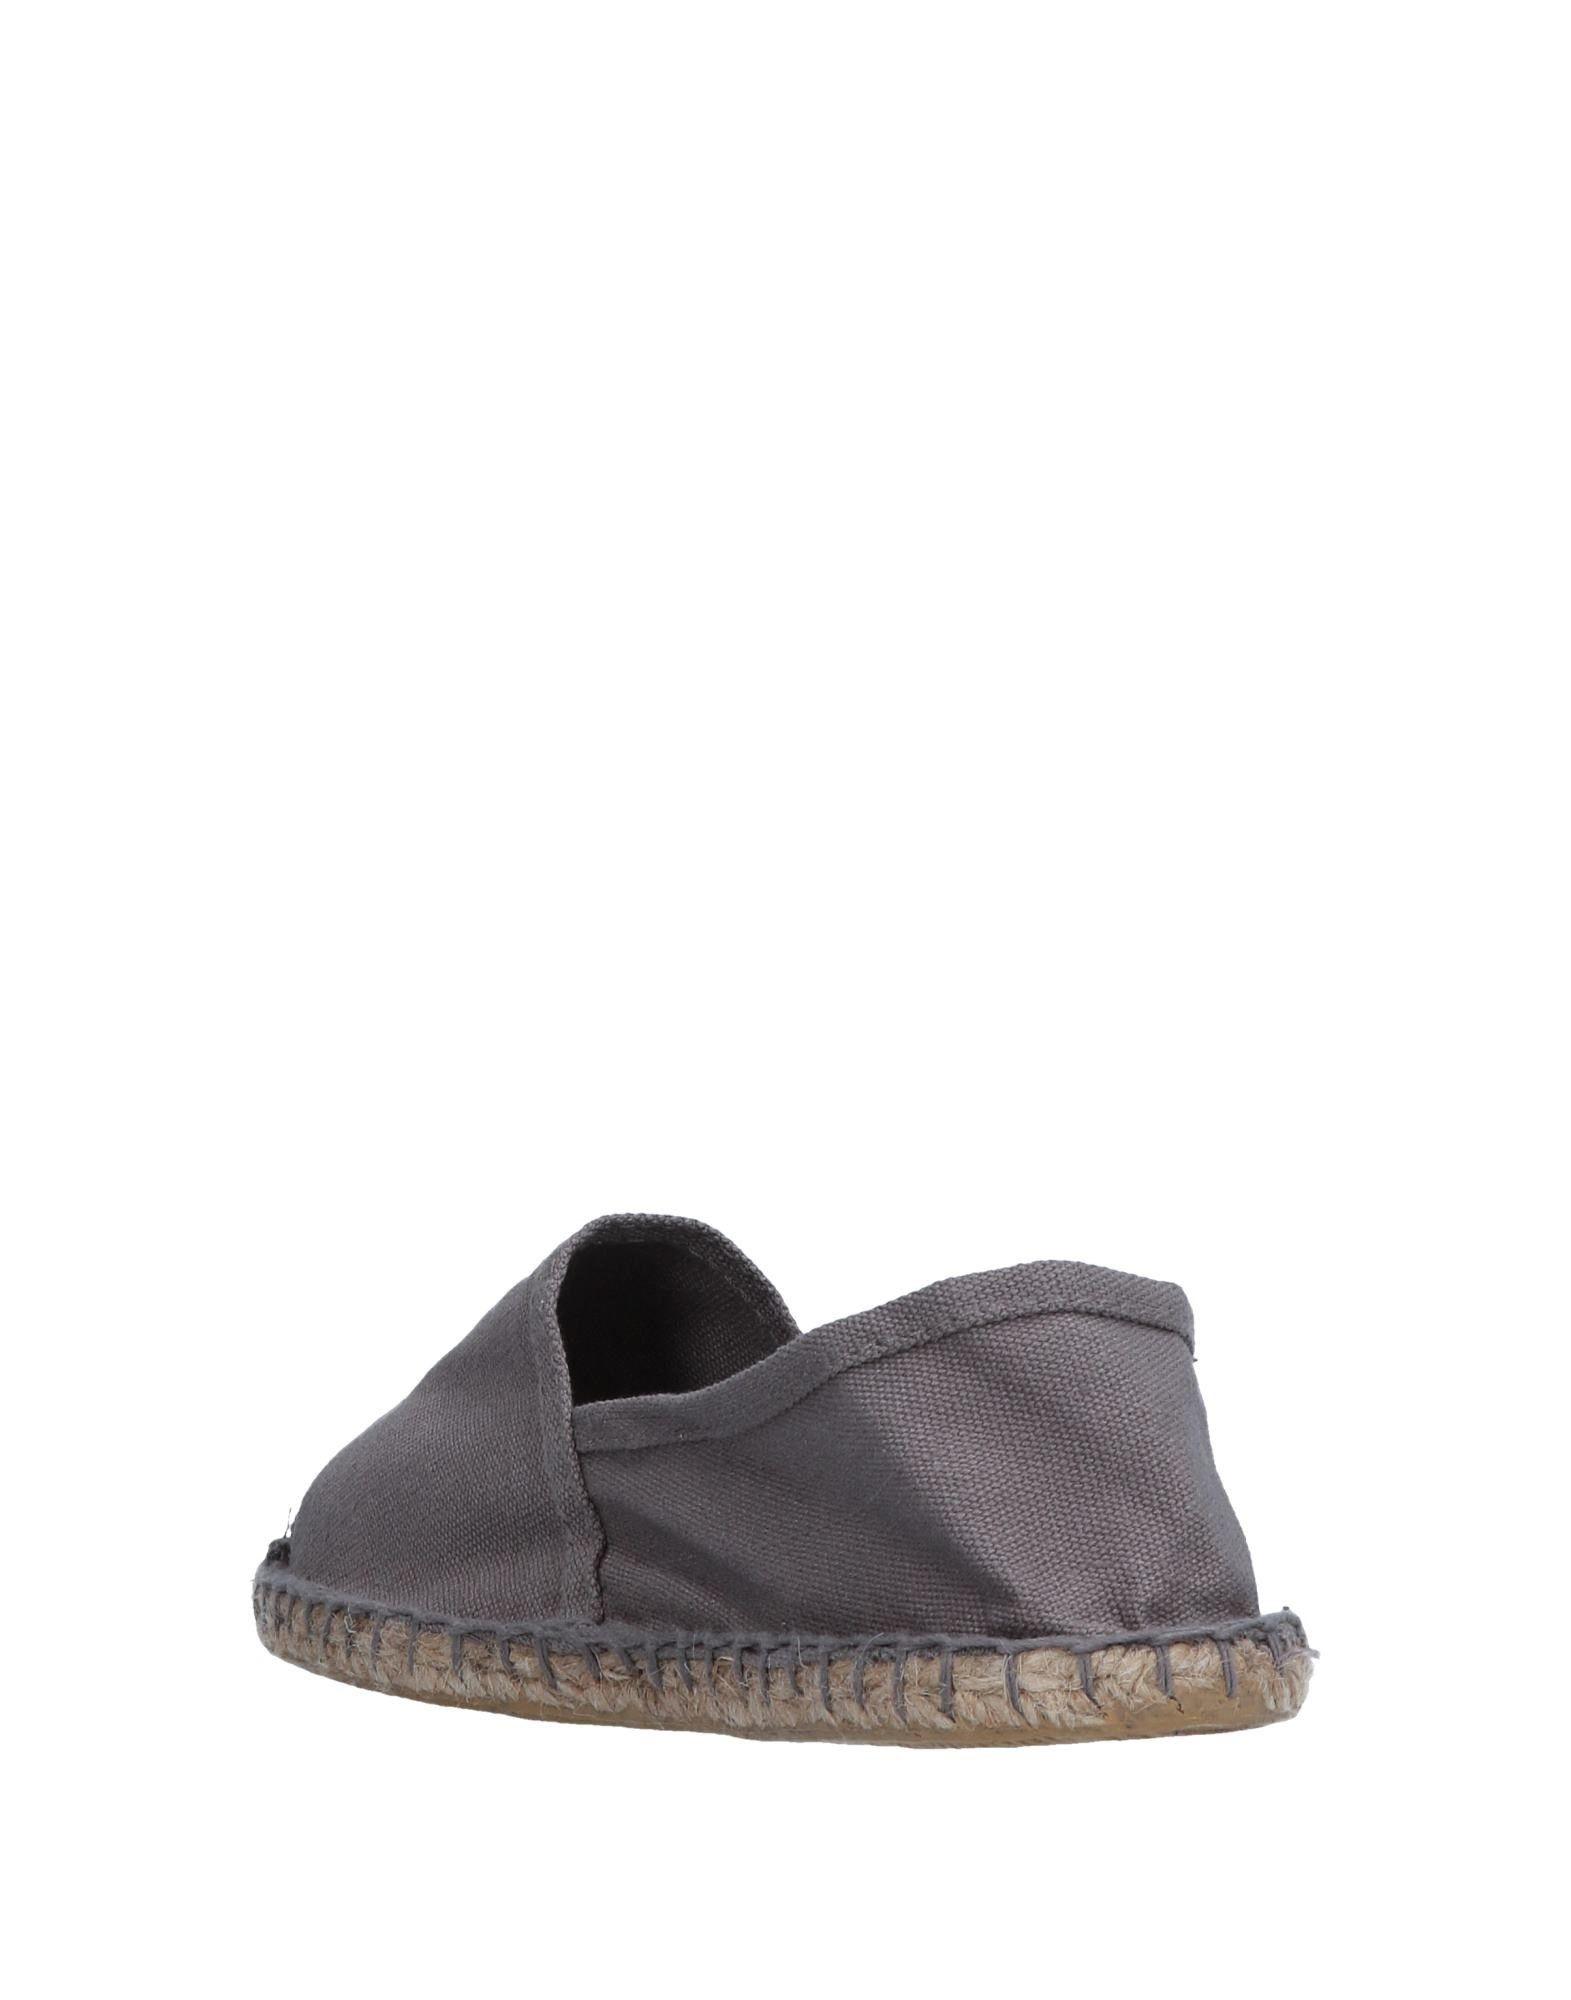 Ovye' By Cristina Lucchi Espadrilles Qualität Damen  11545668HR Gute Qualität Espadrilles beliebte Schuhe bf973b